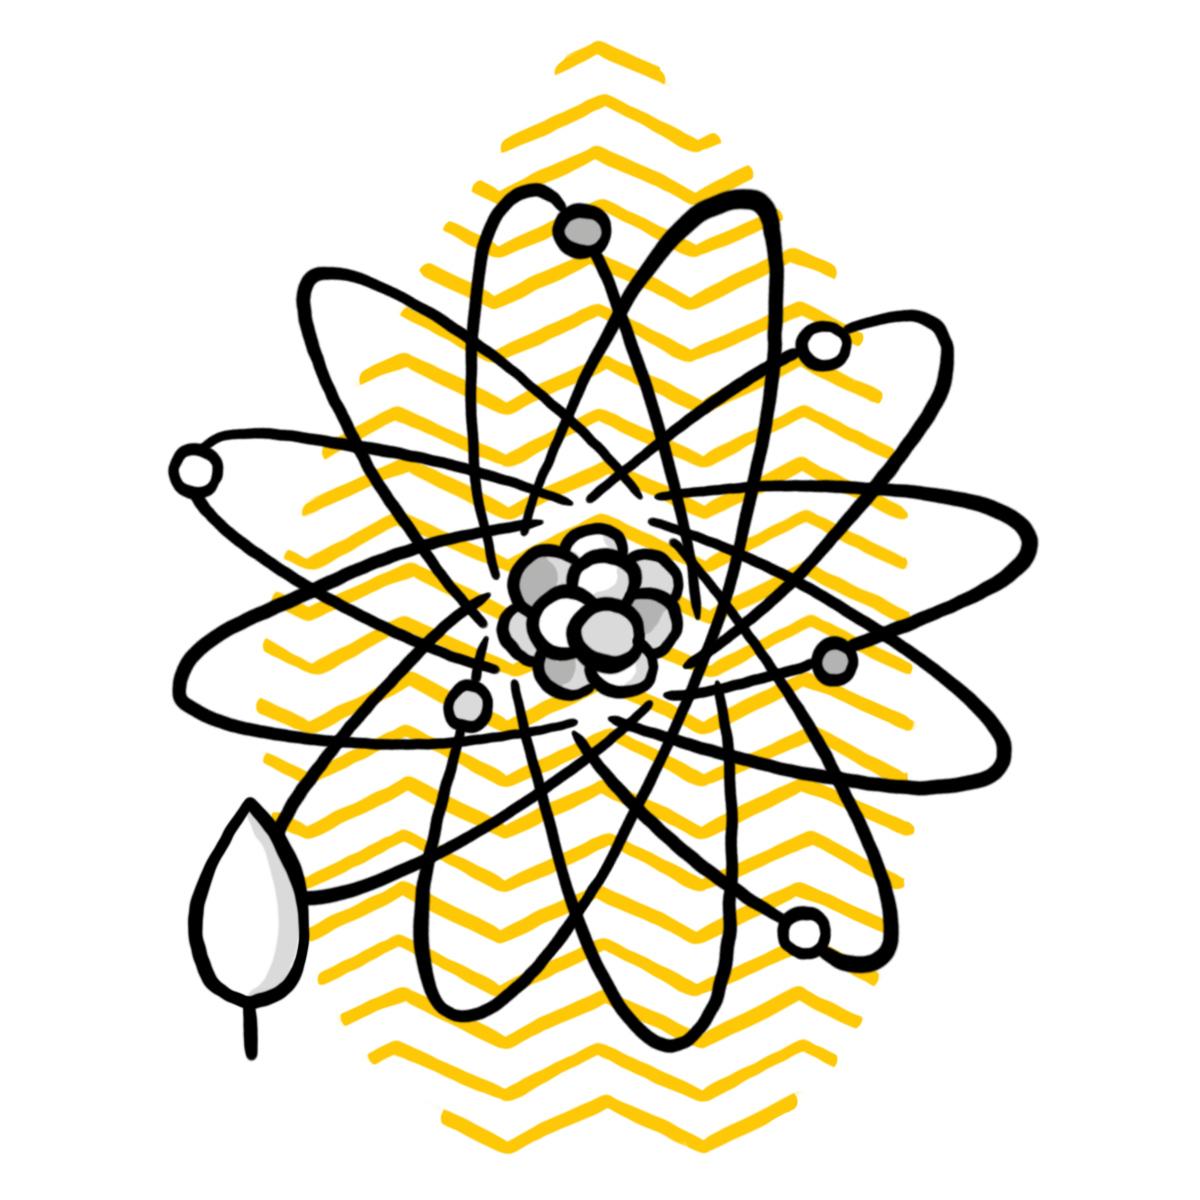 Darstellung eines Atommodells mit Science School-Bäumchen (Symbol für Schulzweig Science School)